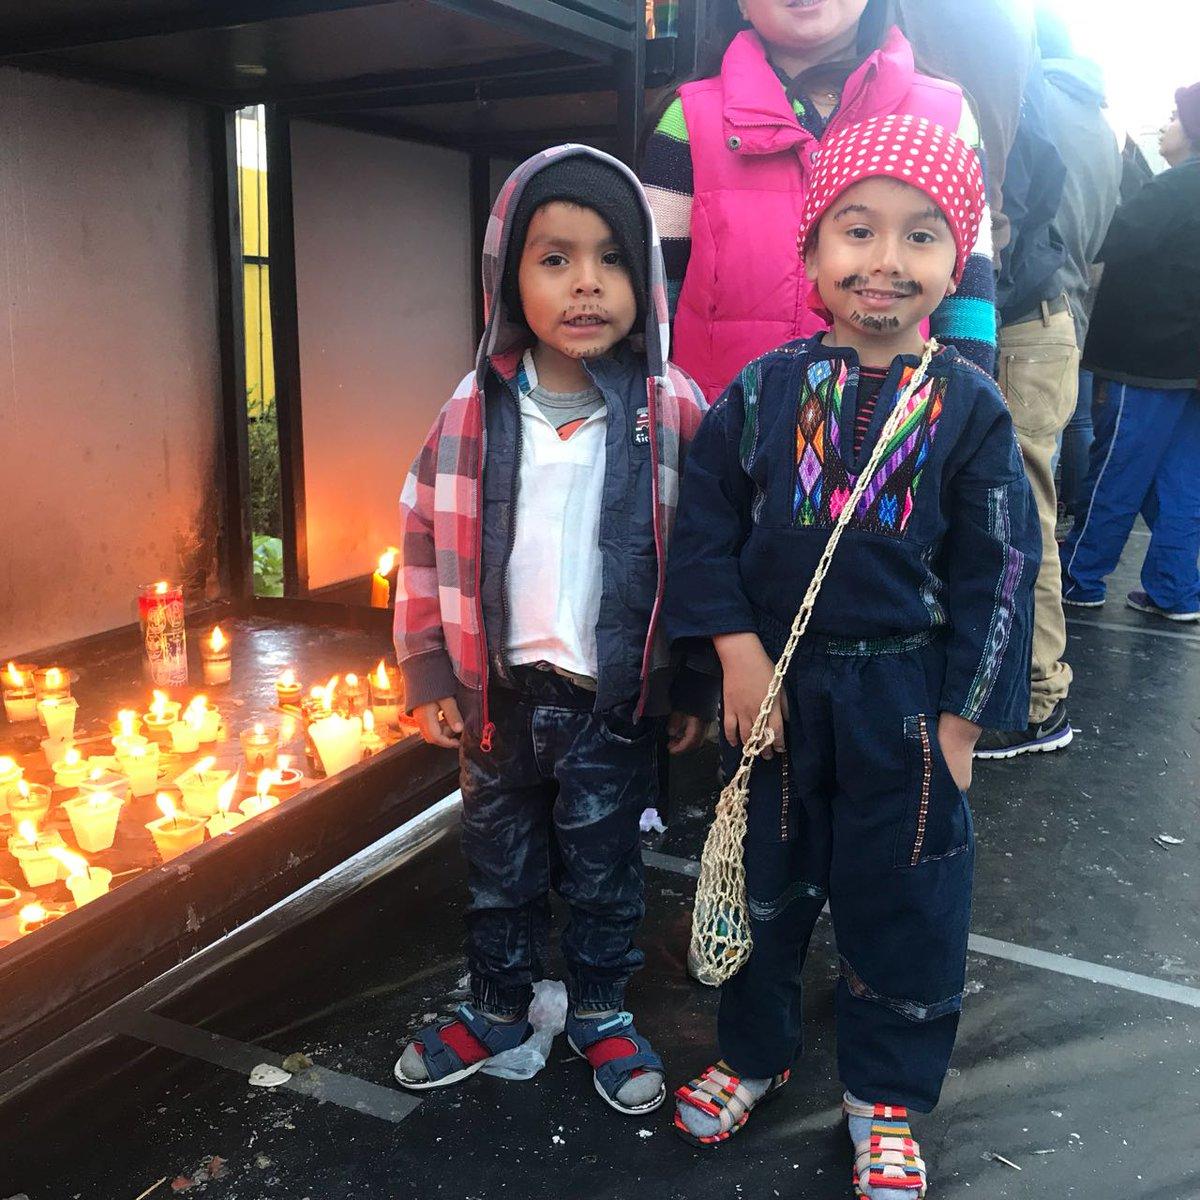 Santuario Virgen Guadalupe Vía Niños Niñas Vestidos Traje